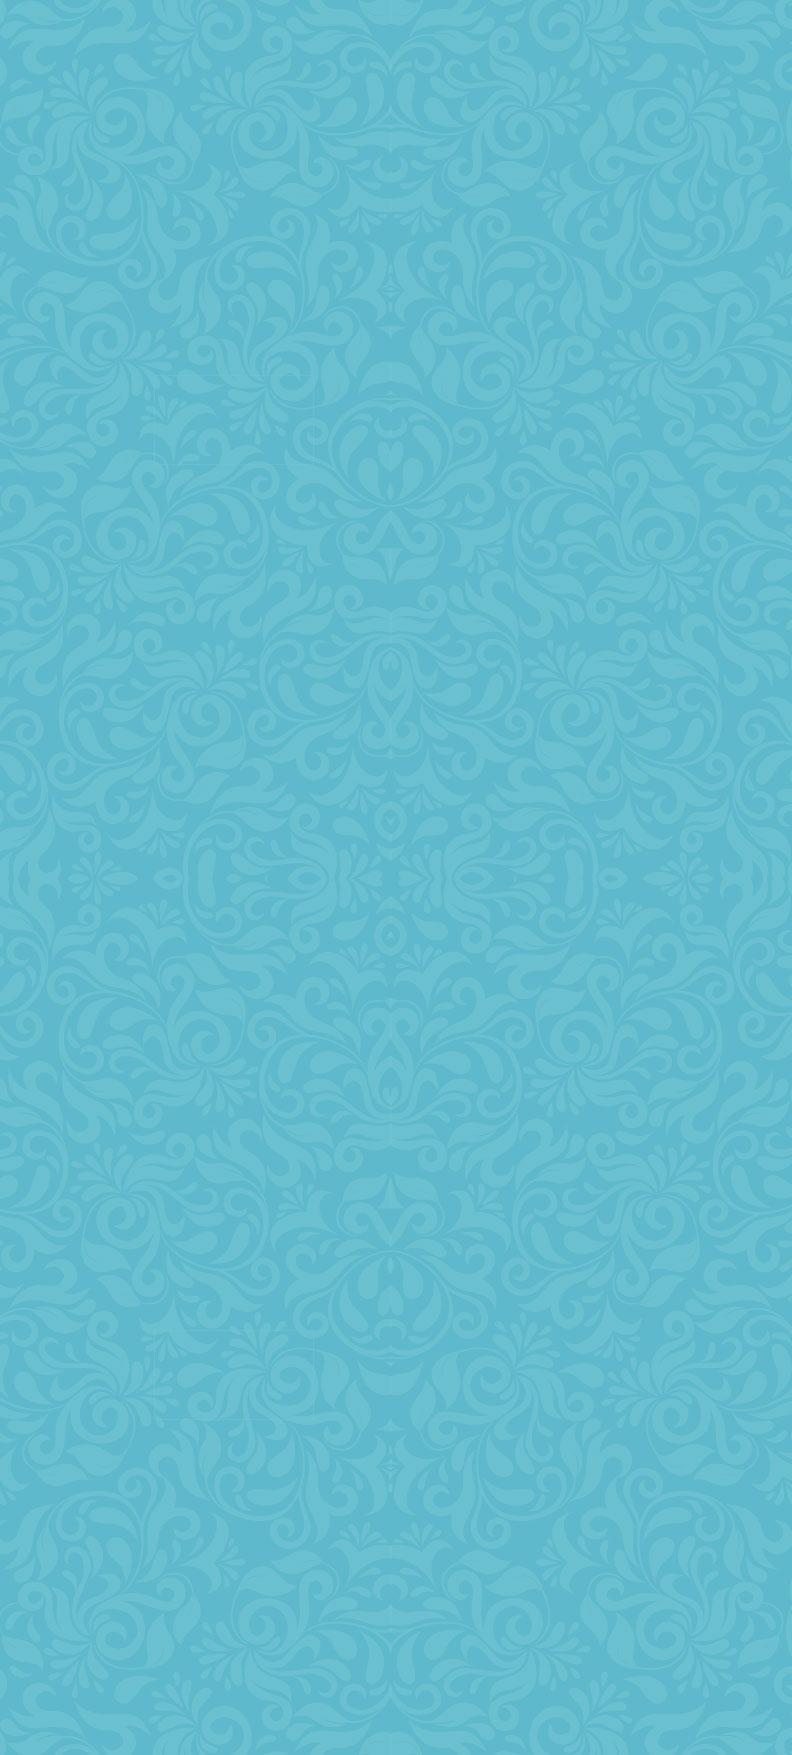 - Temperatura UmidadeRemoção x ManutençãoPossíveis problemasMateriais, para que servem, onde comprarPinças • Nano • VentiladorAnatomia • Fisiologia • TricologiaProblemas ocularesBiosegurançaTipo de materiaisFios Elipses x Fios EsféricosVisagismoLash MappingCola Recomendações e composição